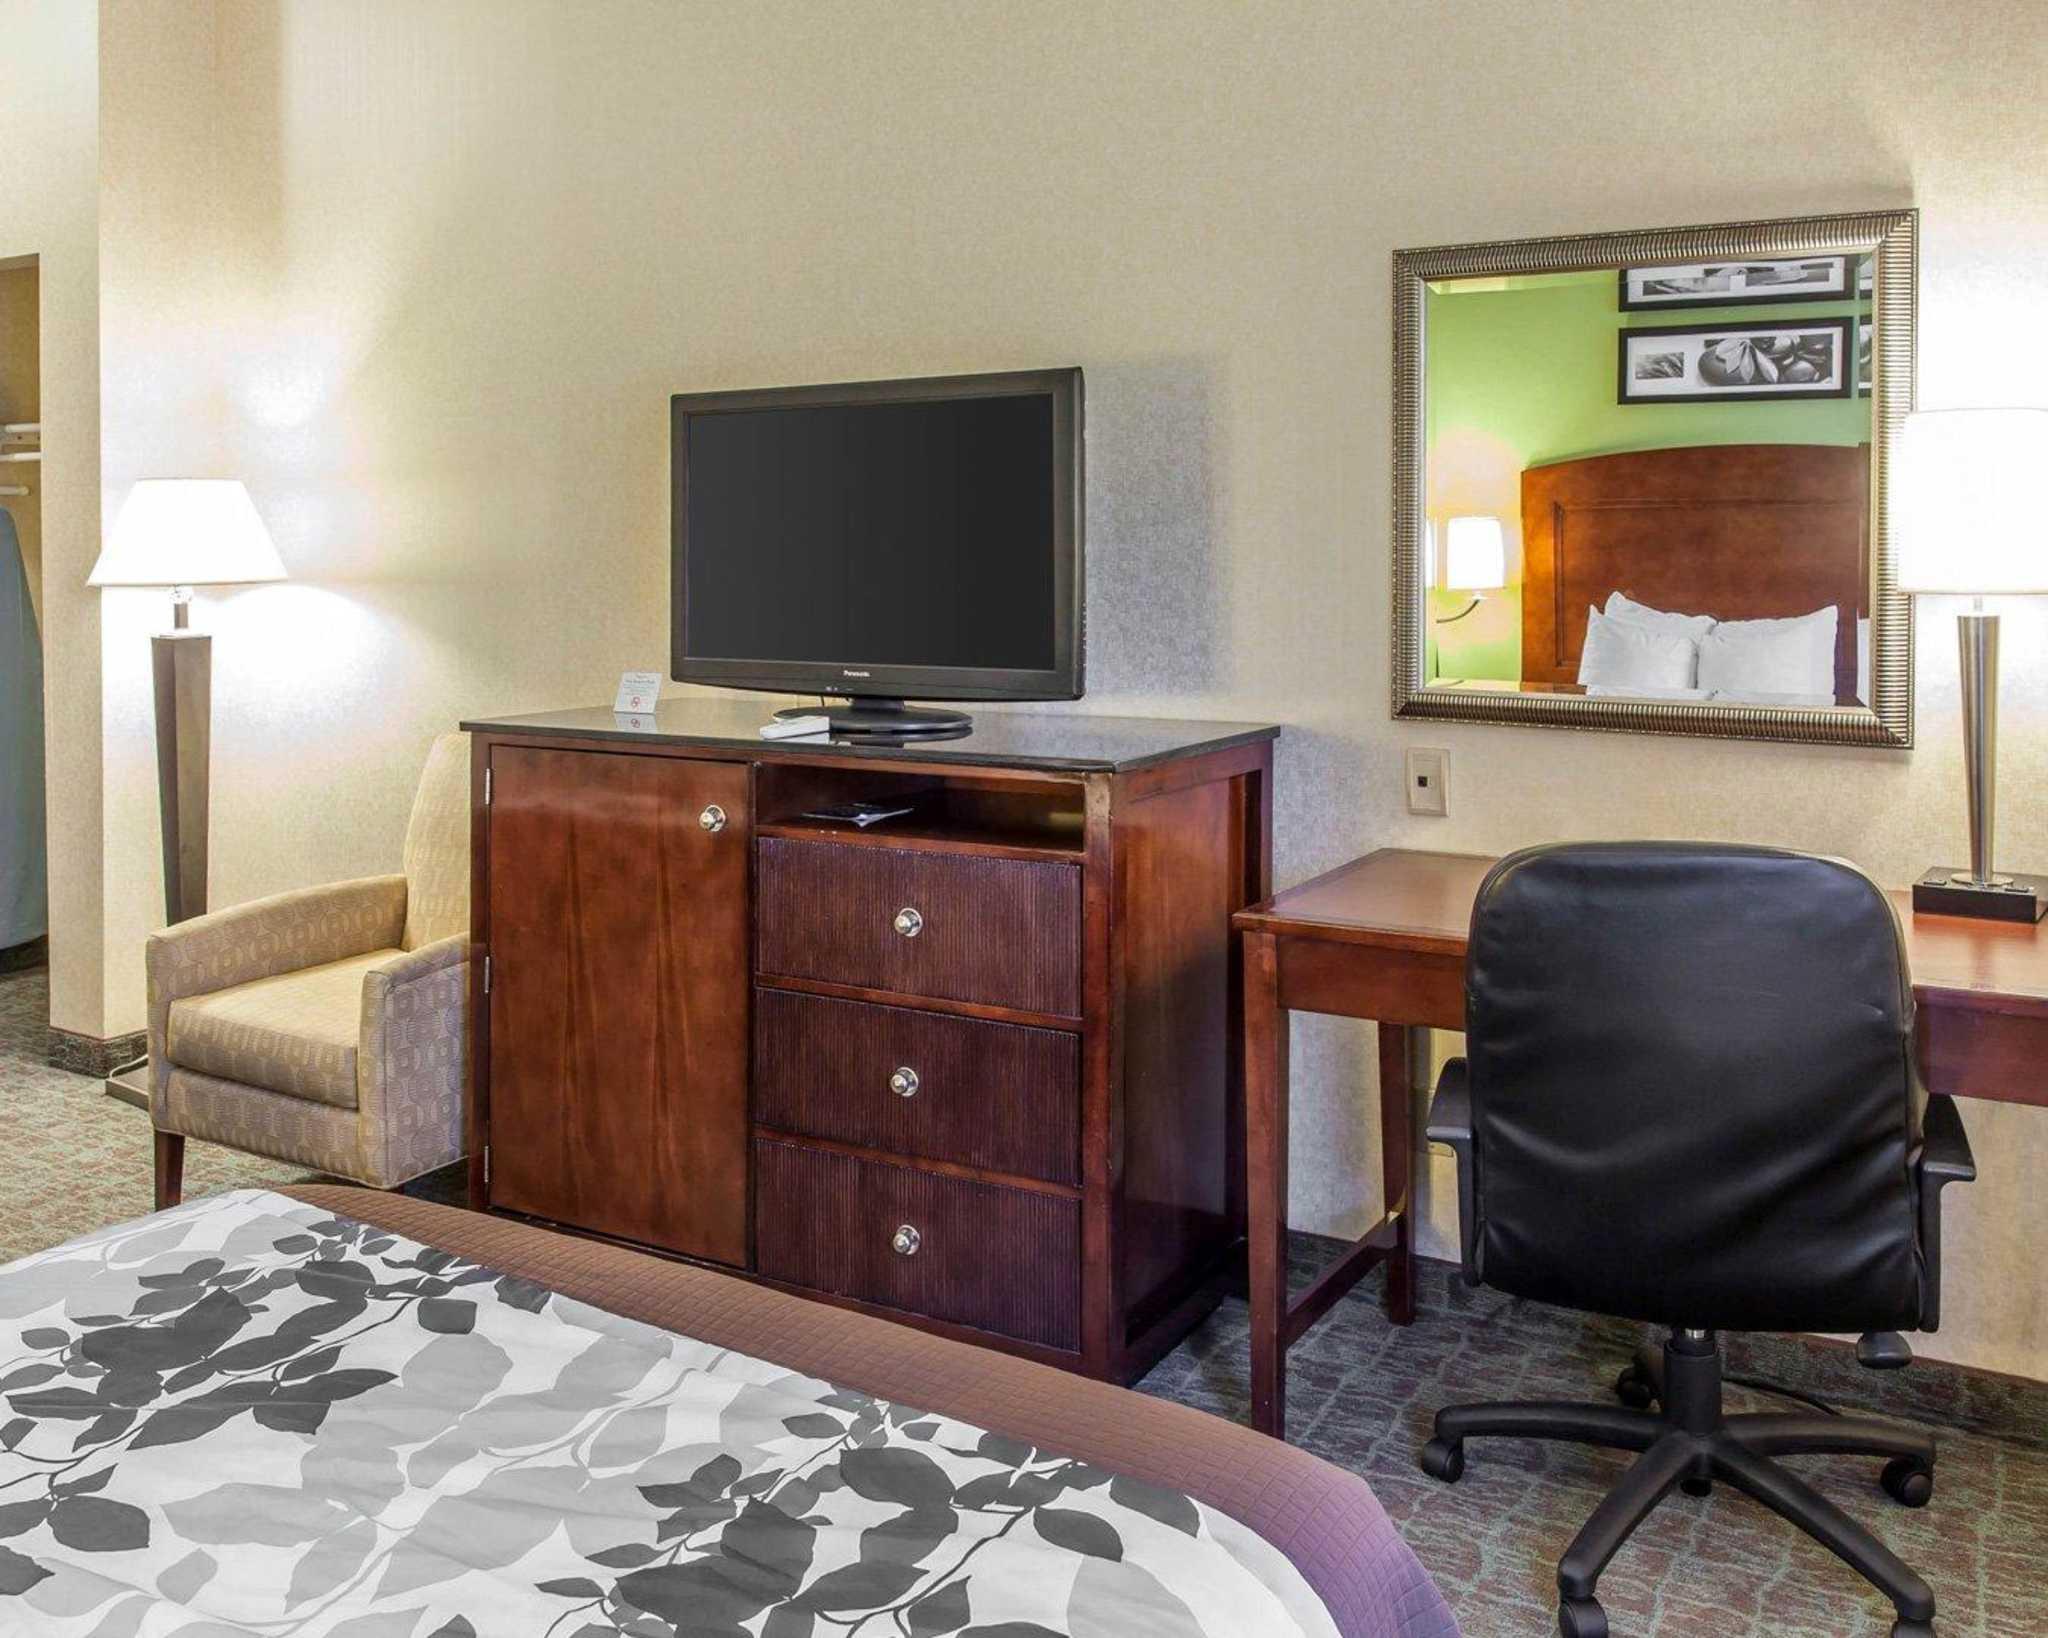 Sleep Inn & Suites Upper Marlboro near Andrews AFB image 23